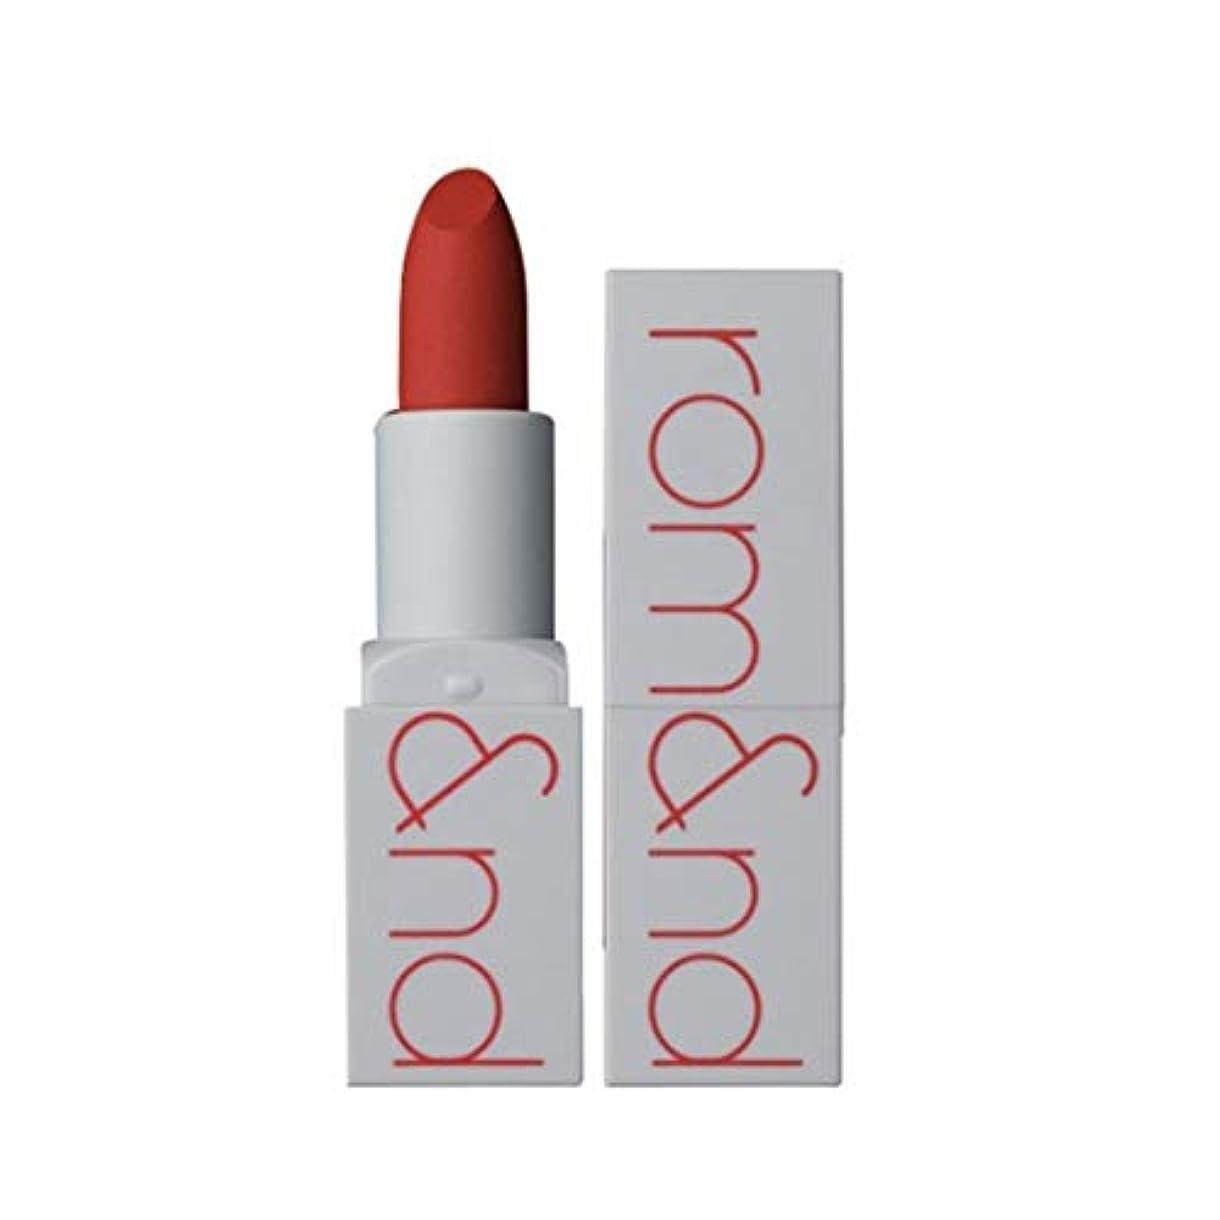 お祝い拮抗する冷えるローム?アンド?ゼログラムマットリップスティック3.5g 4色、Rom&nd Zero Gram Matte Lipstick 3.5g 4 Colors [並行輸入品] (All That Jazz)